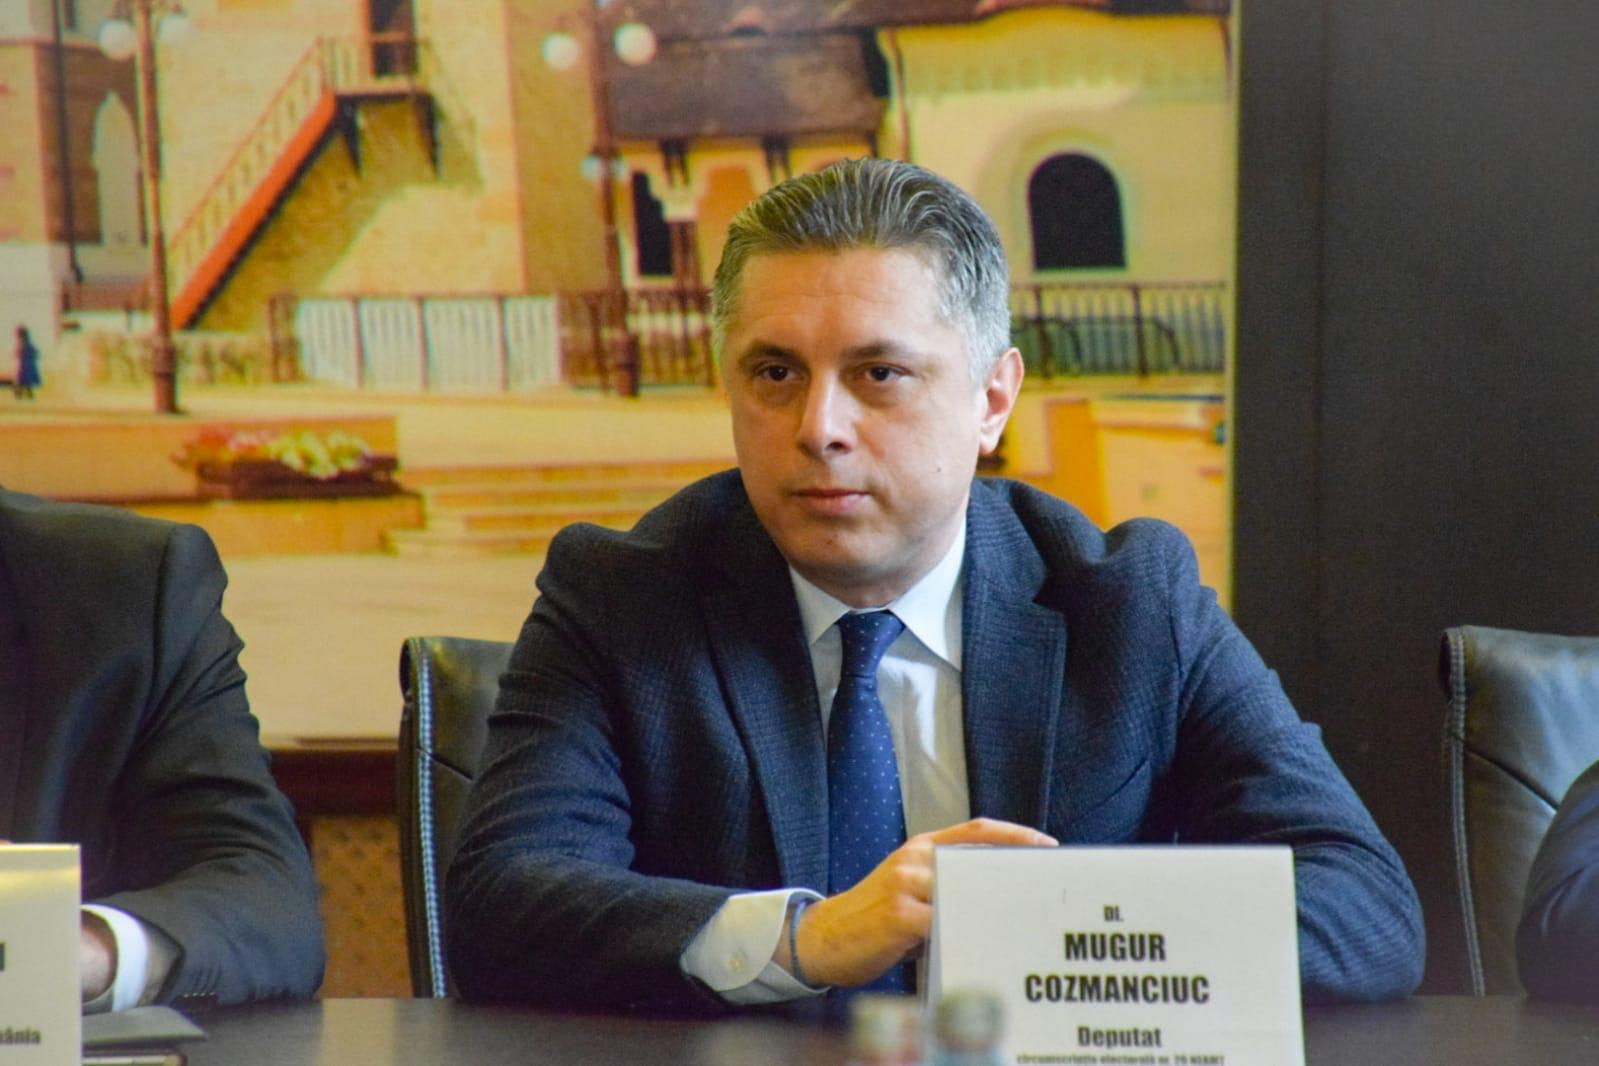 Deputatul Mugur Cozmanciuc, președintele PNL Neamț, trimis în judecată pentru trafic de influență